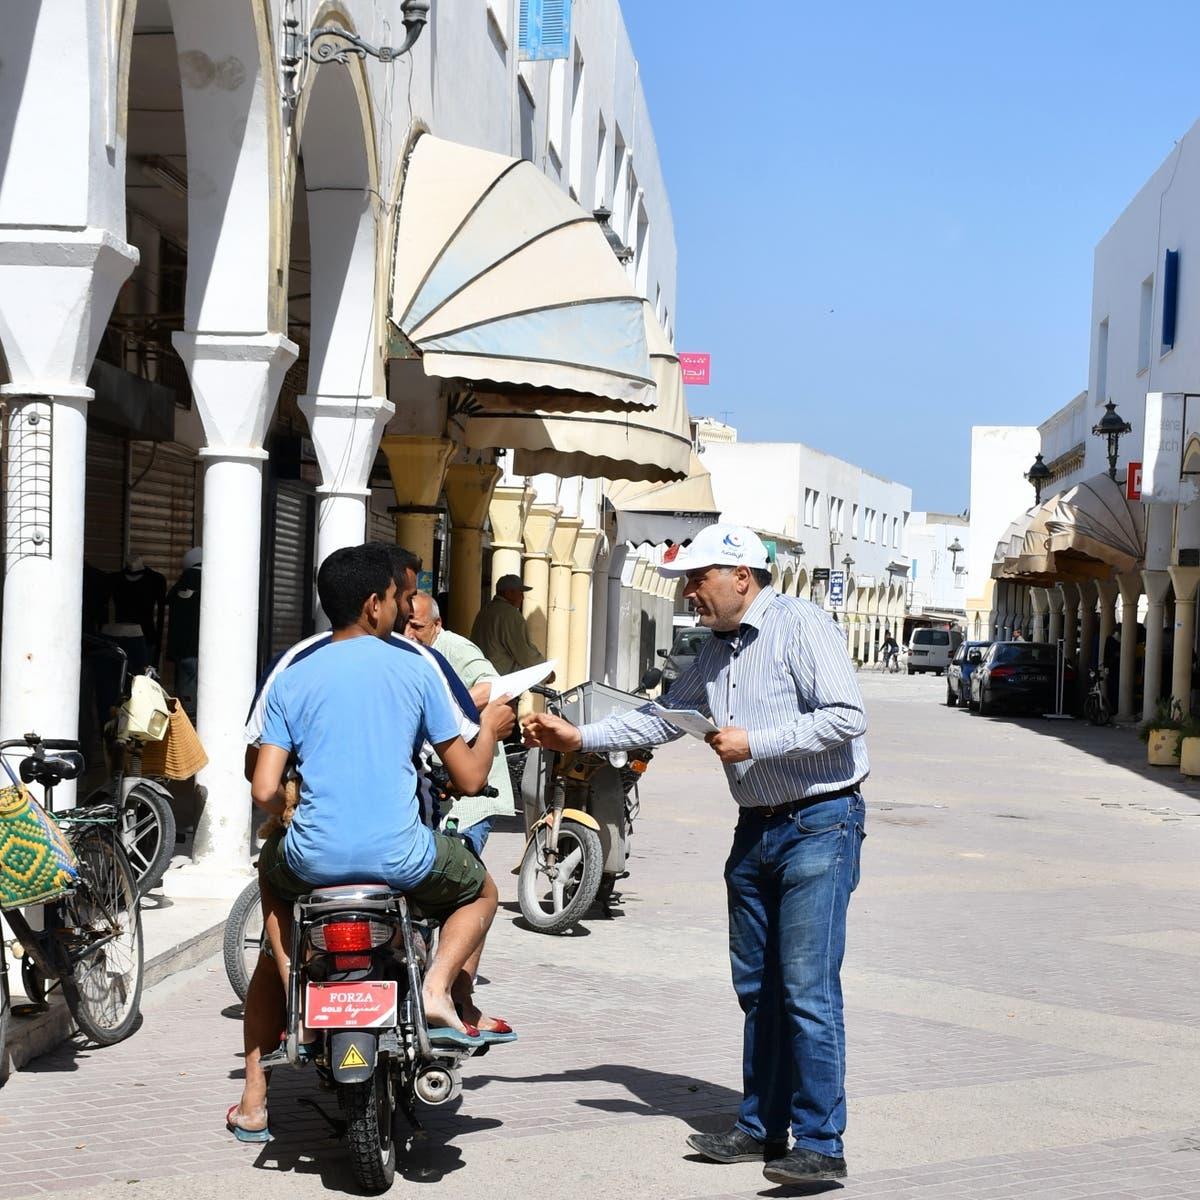 تونس تسعى إلى مراجعة عاجلة لاتفاق مع تركيا.. وزير يكشف